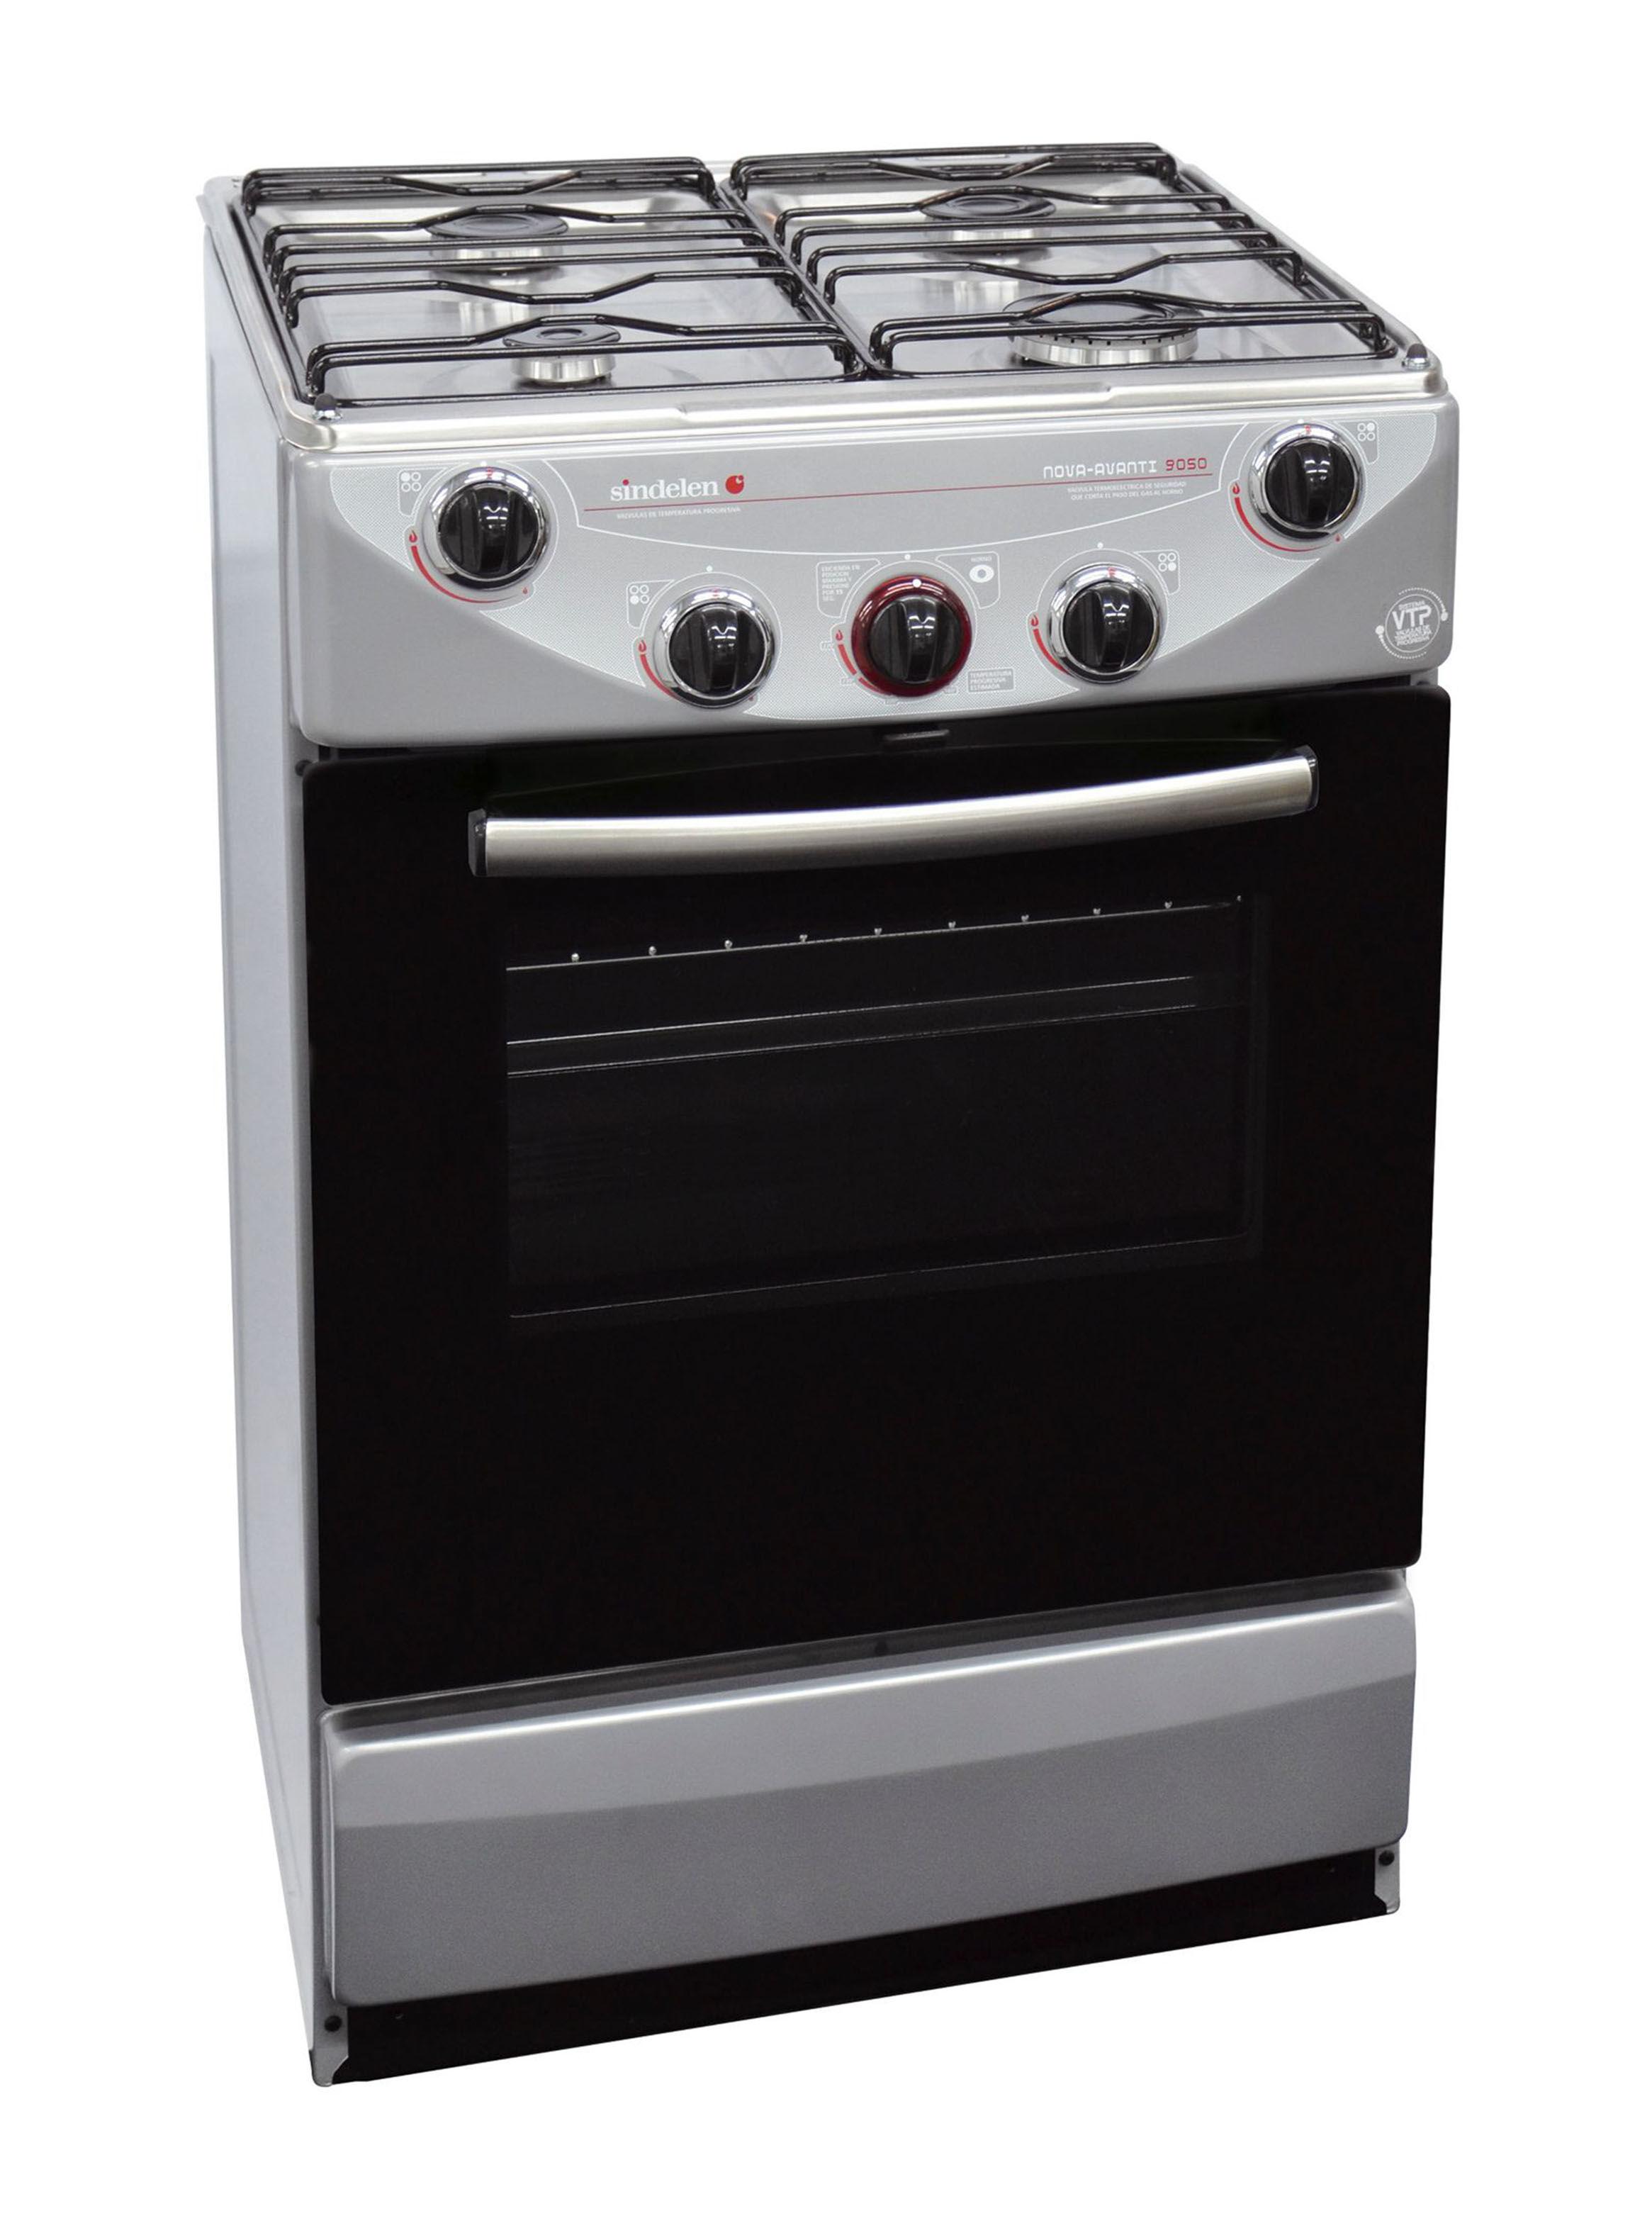 Cocina a Gas Sindelen CH9050 4 Platos  Todas las Cocinas